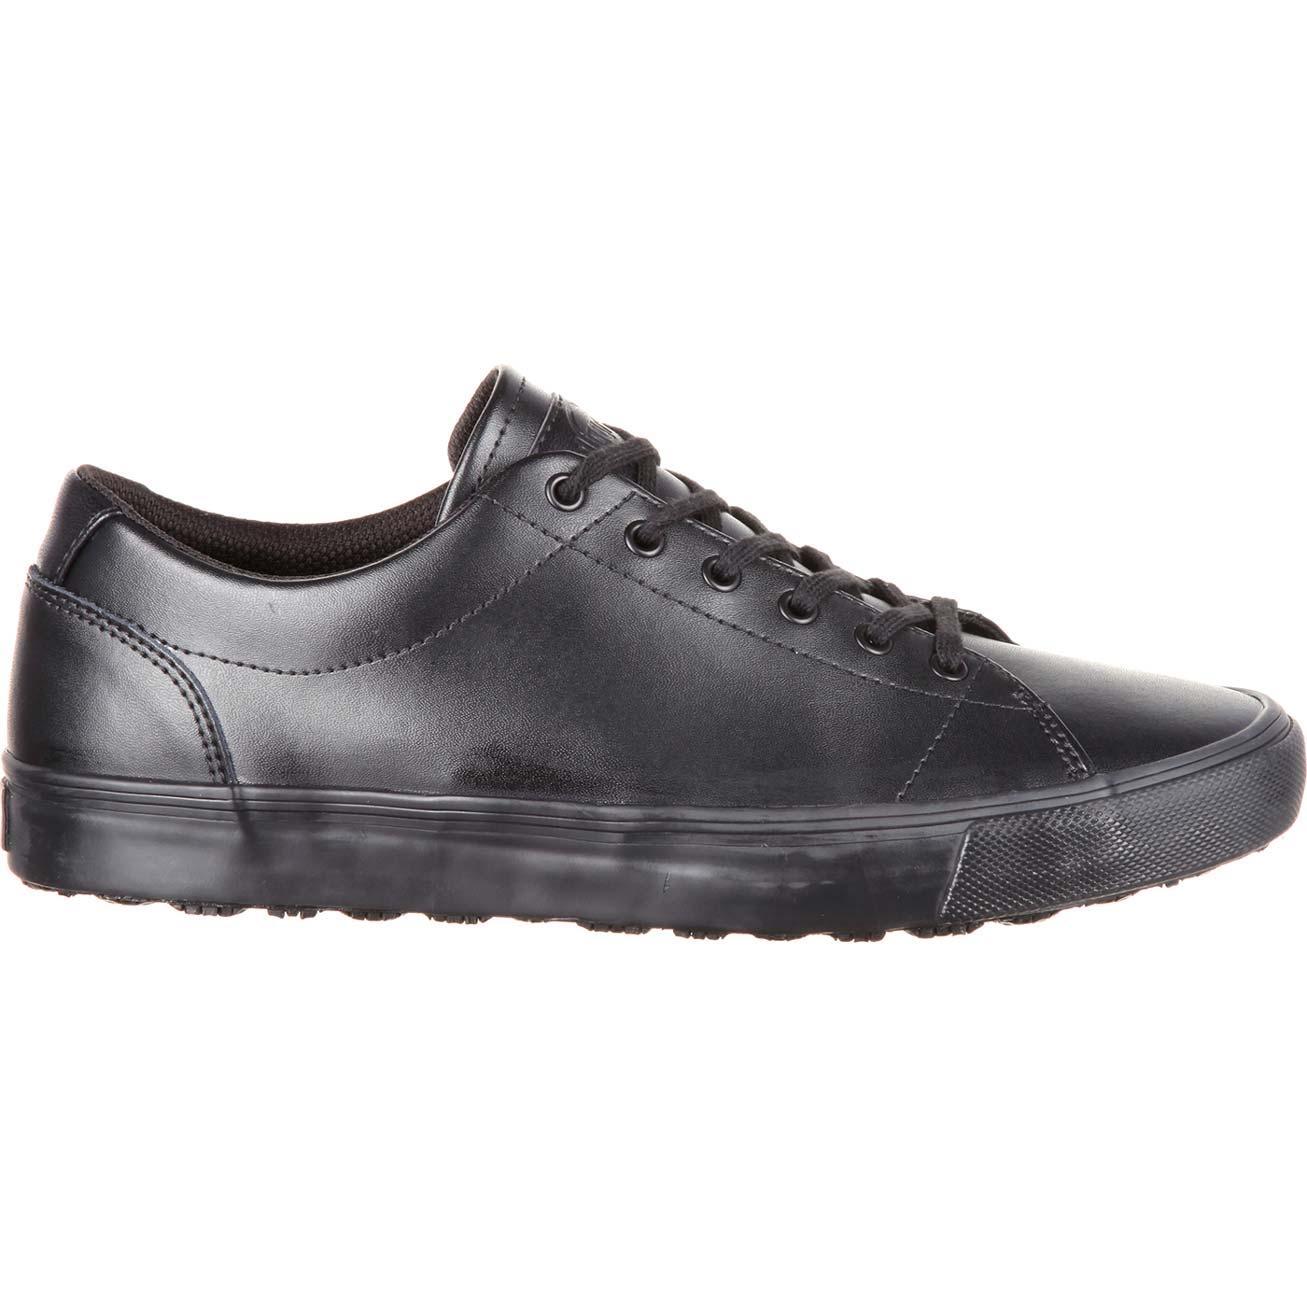 slipgrips dragongrip slip resistant skate shoe s slgp014